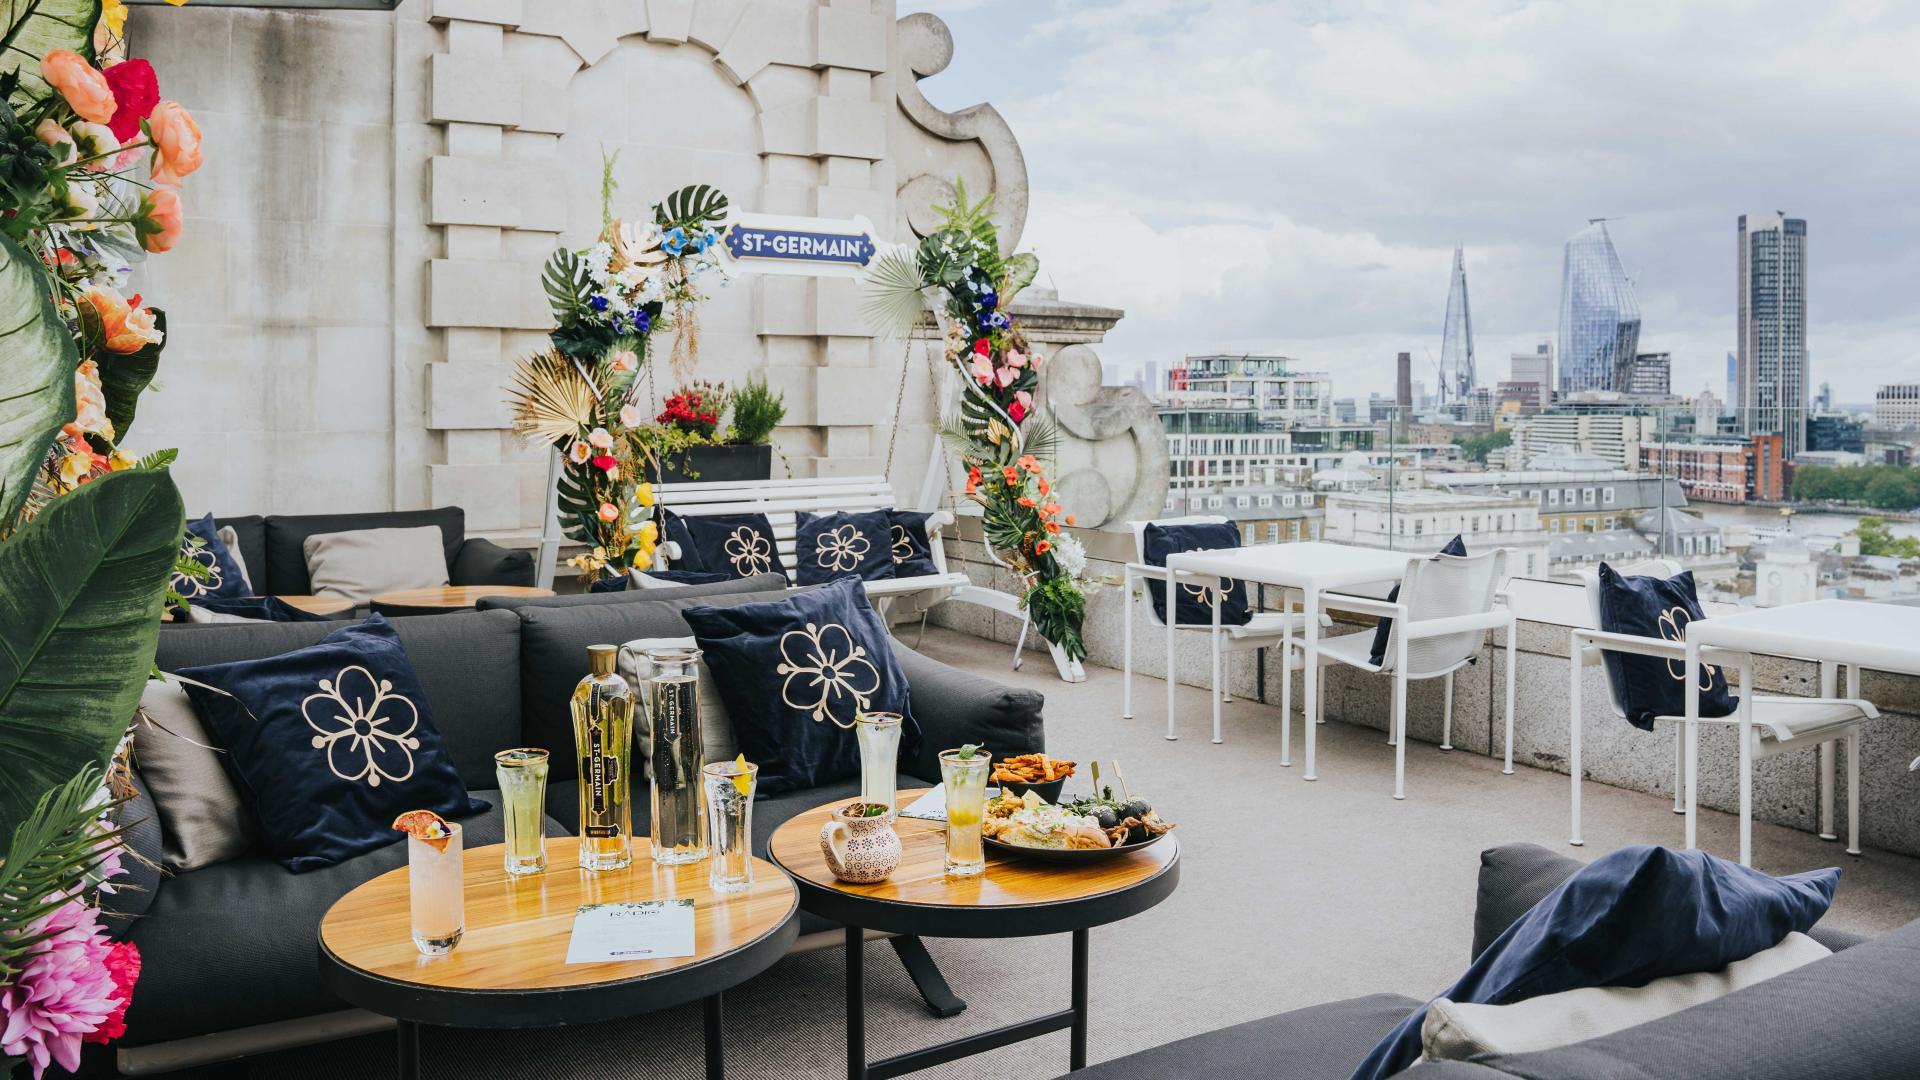 Summer in London: St Germain's terrace